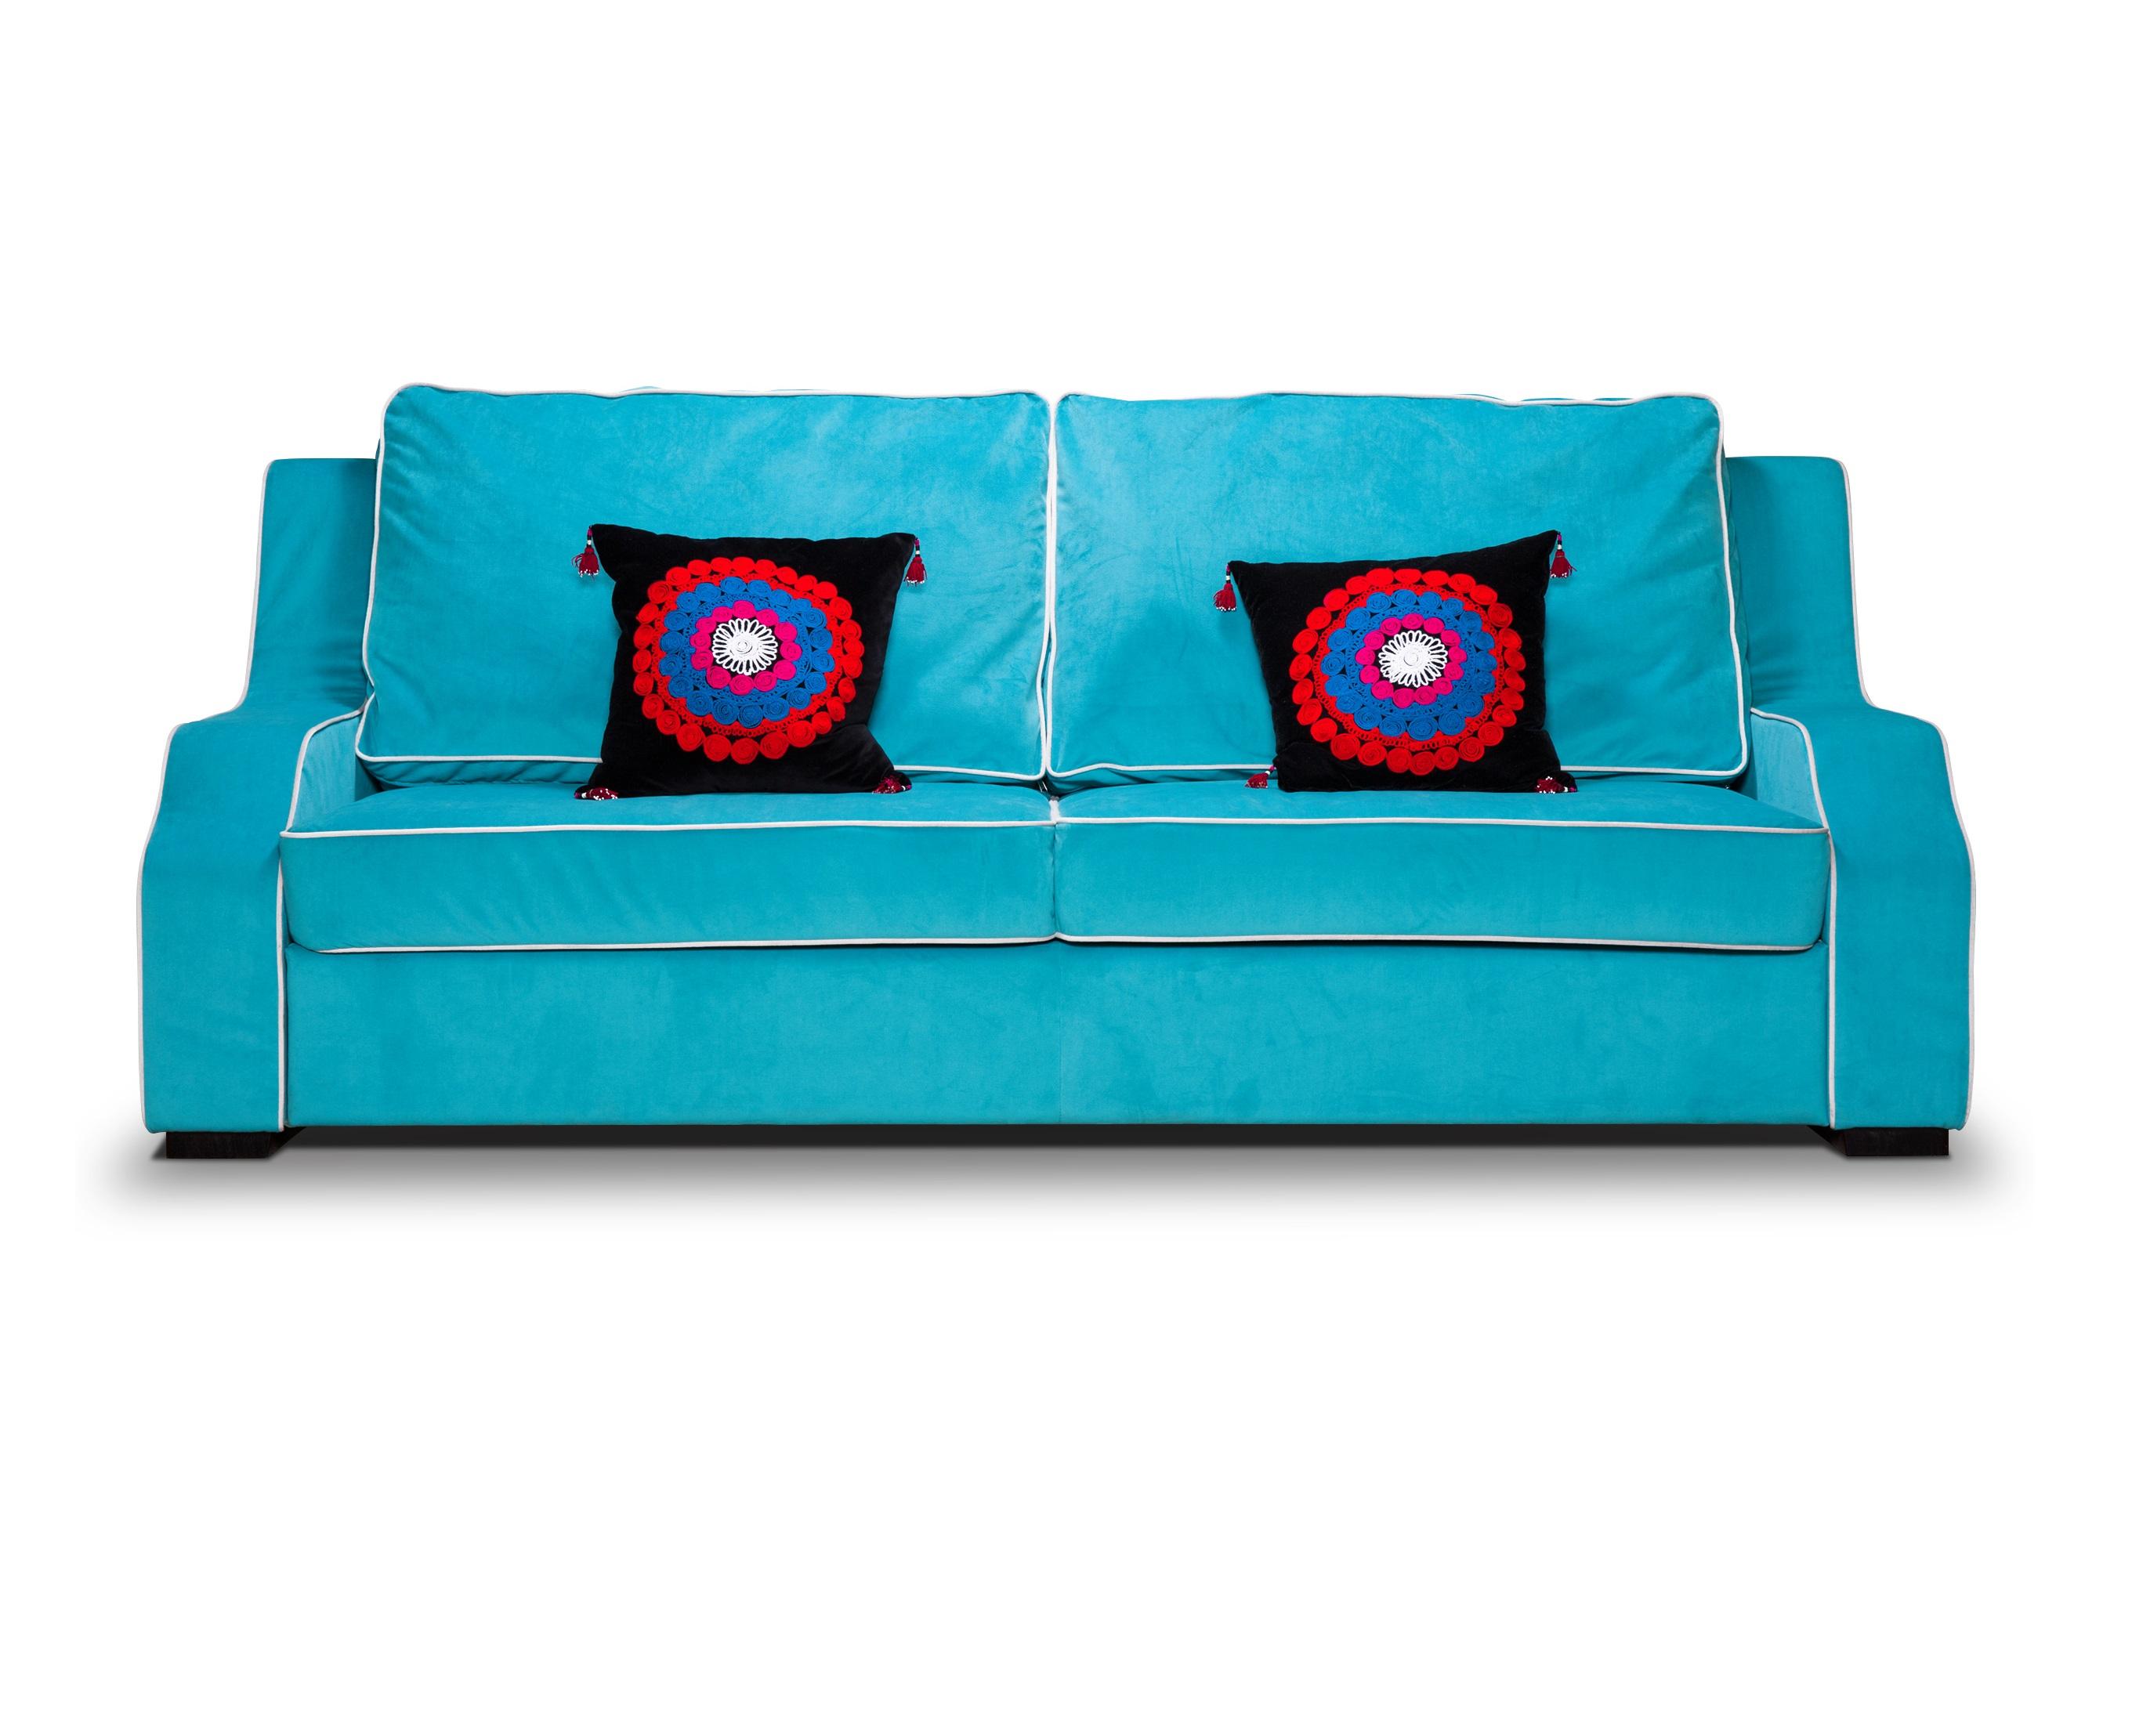 """Диван ШервудПрямые раскладные диваны<br>&amp;lt;div&amp;gt;Лаконичные и музыкальные формы этого очень мягкого дивана безупречно просты и подтверждают хороший вкус владельца. Диван Шервуд спроектирован так, чтобы можно было отодвинуть от стены и создать ощущение простора.&amp;amp;nbsp;&amp;lt;/div&amp;gt;&amp;lt;div&amp;gt;&amp;lt;br&amp;gt;&amp;lt;/div&amp;gt;&amp;lt;div&amp;gt;Материал обивки мягкие эластичные ткани (на фото Velvet Lux (Союз-М))&amp;lt;/div&amp;gt;&amp;lt;div&amp;gt;Механизм дельфин для ежедневного сна.&amp;lt;/div&amp;gt;&amp;lt;div&amp;gt;Наполнение: разработка технологов нашей фабрики и представляет собой композицию из резинотканных ремней в основании сидения, дающих наивысшую эластичность и микс из трех разных по плотности и эластичности видов пенополиуретана без фреоновых примесей, дополнительно зафиксированных металлической """"змейкой"""" для безупречной службы на многие года. Изумительную мягкость при сидении, придает Hollgone, обволакивающий весь внутренний каркас.&amp;amp;nbsp;&amp;lt;/div&amp;gt;&amp;lt;div&amp;gt;Материал каркаса брус, ДСП, фанера.&amp;lt;/div&amp;gt;&amp;lt;div&amp;gt;&amp;lt;br&amp;gt;&amp;lt;/div&amp;gt;&amp;lt;div&amp;gt;Особенность модели: высокие приспинные подушки для правильной посадки и поддержки шейной зоны в положении релакс&amp;amp;nbsp;&amp;lt;/div&amp;gt;&amp;lt;div&amp;gt;Опция: выбор цвета канта для периметра дивана в момент оформления заказа.&amp;amp;nbsp;&amp;lt;/div&amp;gt;&amp;lt;div&amp;gt;&amp;lt;br&amp;gt;&amp;lt;/div&amp;gt;&amp;lt;div&amp;gt;Изделие можно заказать в любой ткани, стоимость и срок изготовления уточняйте у менеджера.&amp;lt;/div&amp;gt;<br><br>Material: Велюр<br>Width см: 223<br>Depth см: 97<br>Height см: 97"""